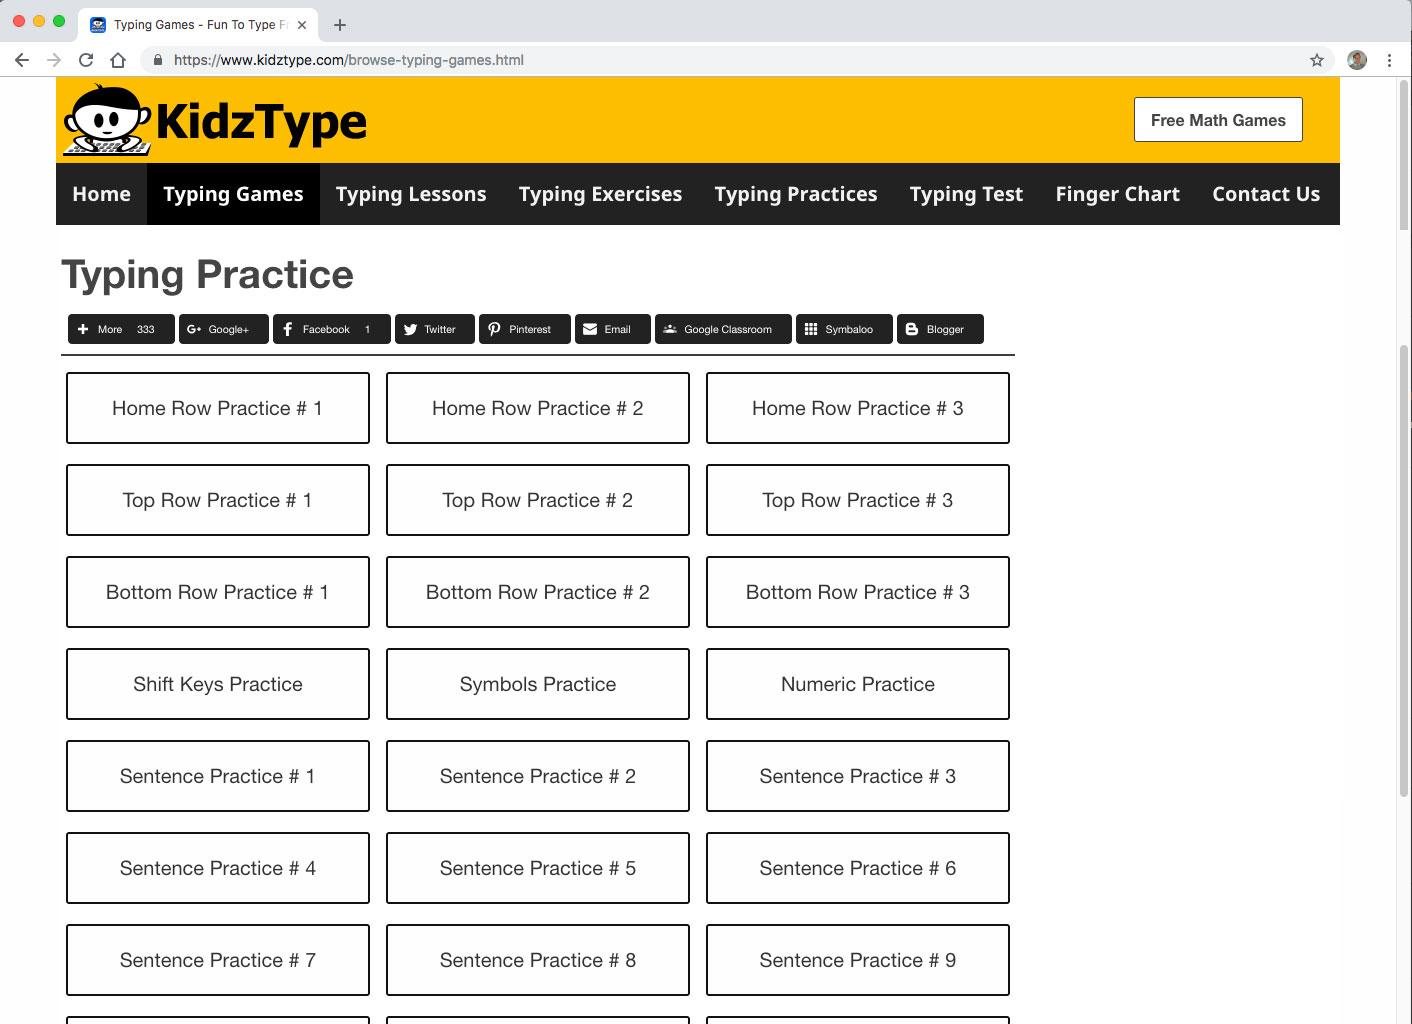 KidzType Typing Practice